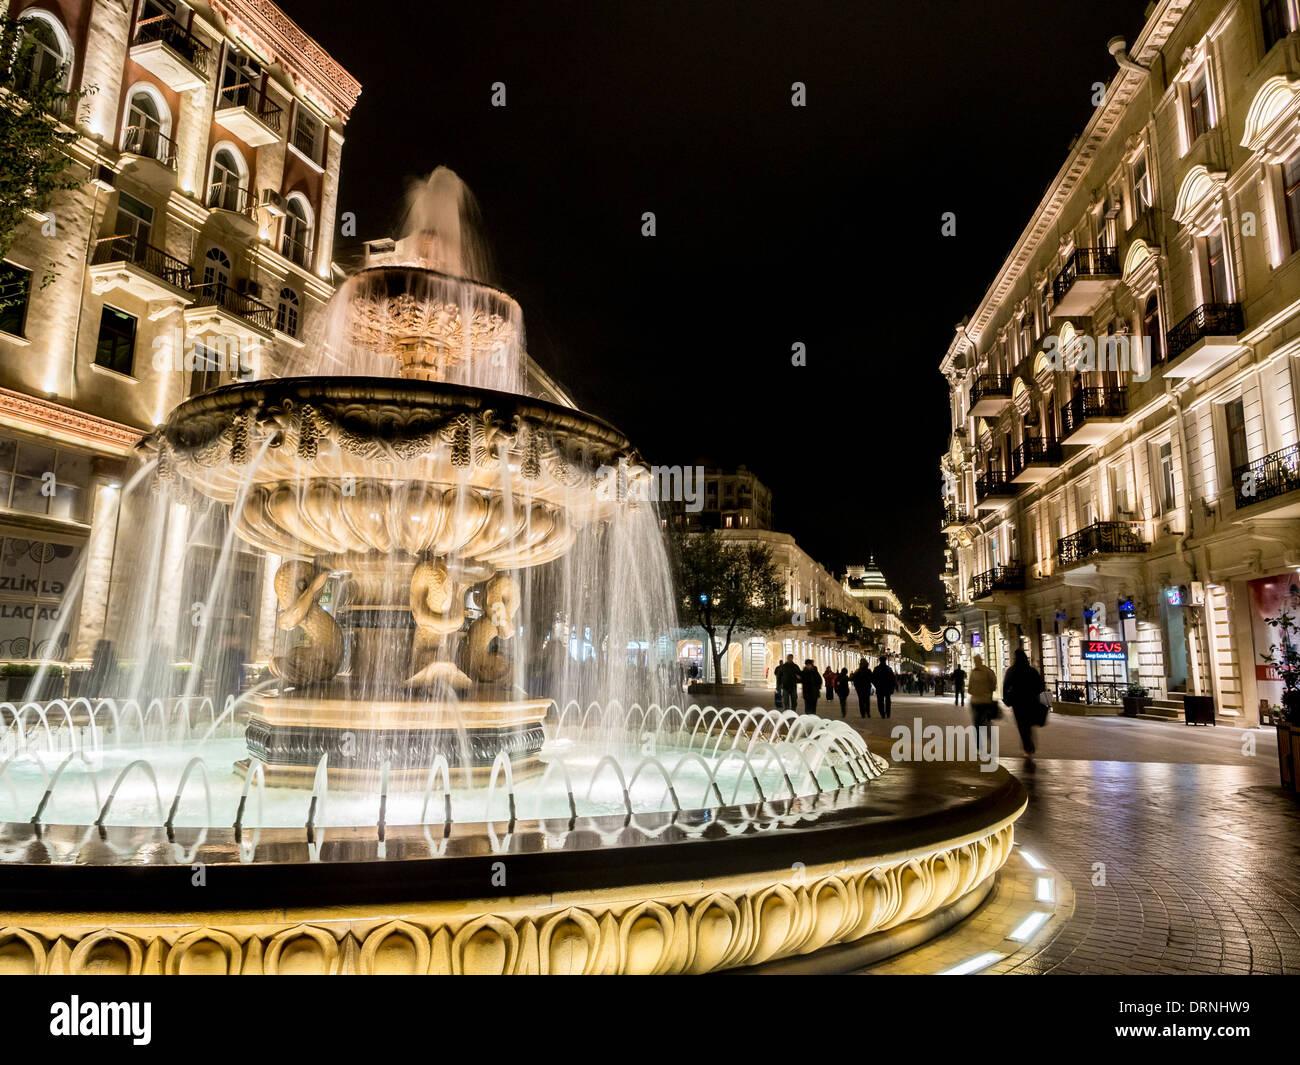 Fountain at the end of the Nizami street in Baku, Azarbaijan, illuminated by night. Stock Photo